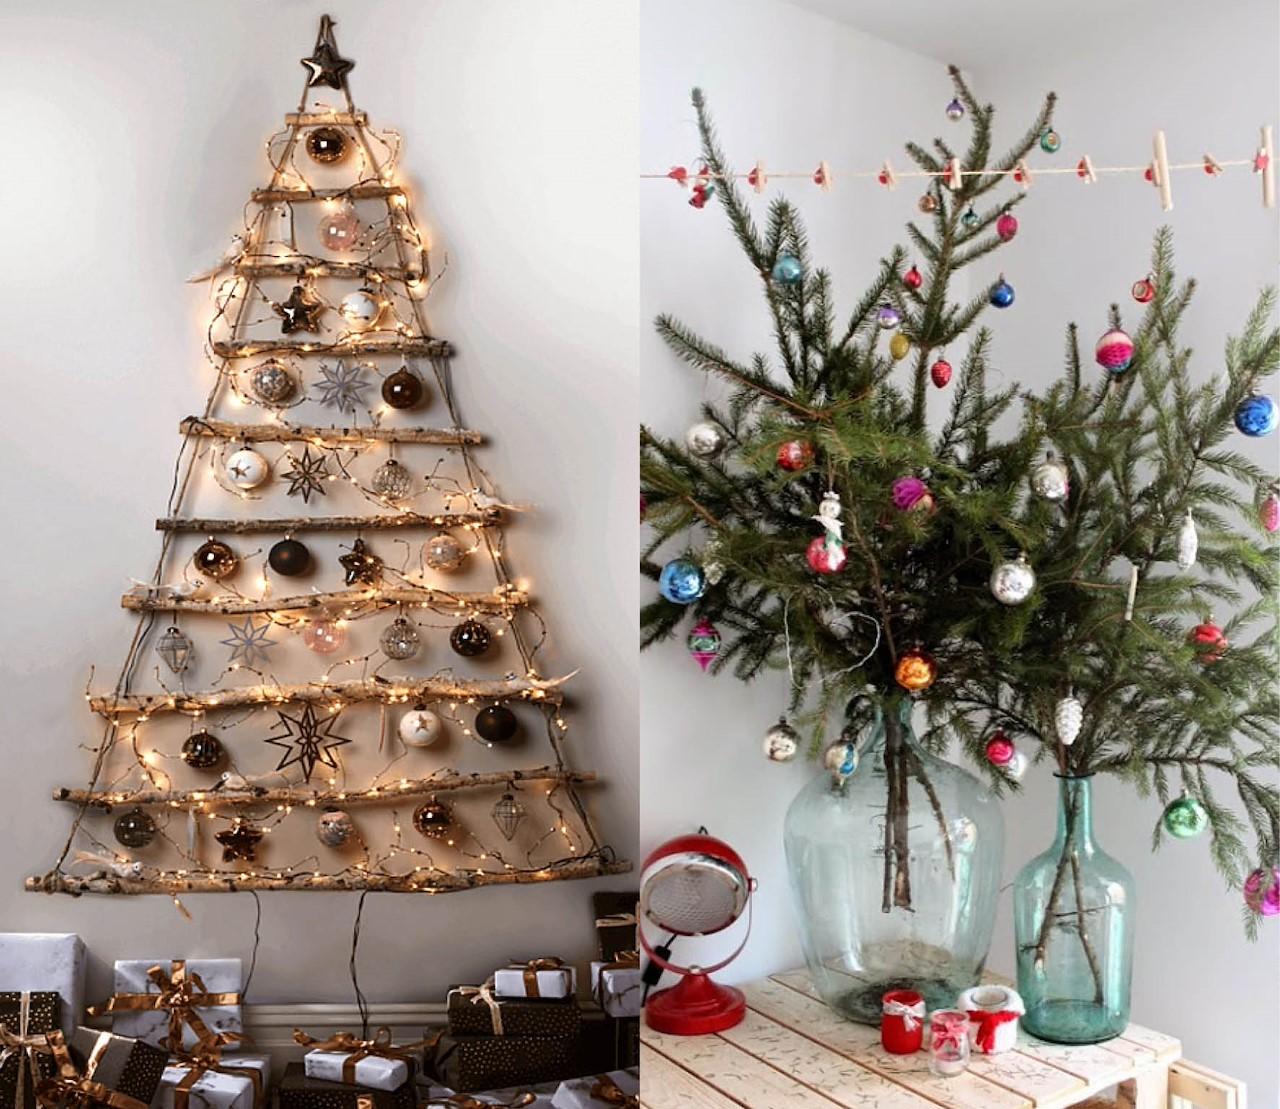 alternatieve kerstbomen: origineel & sfeervol